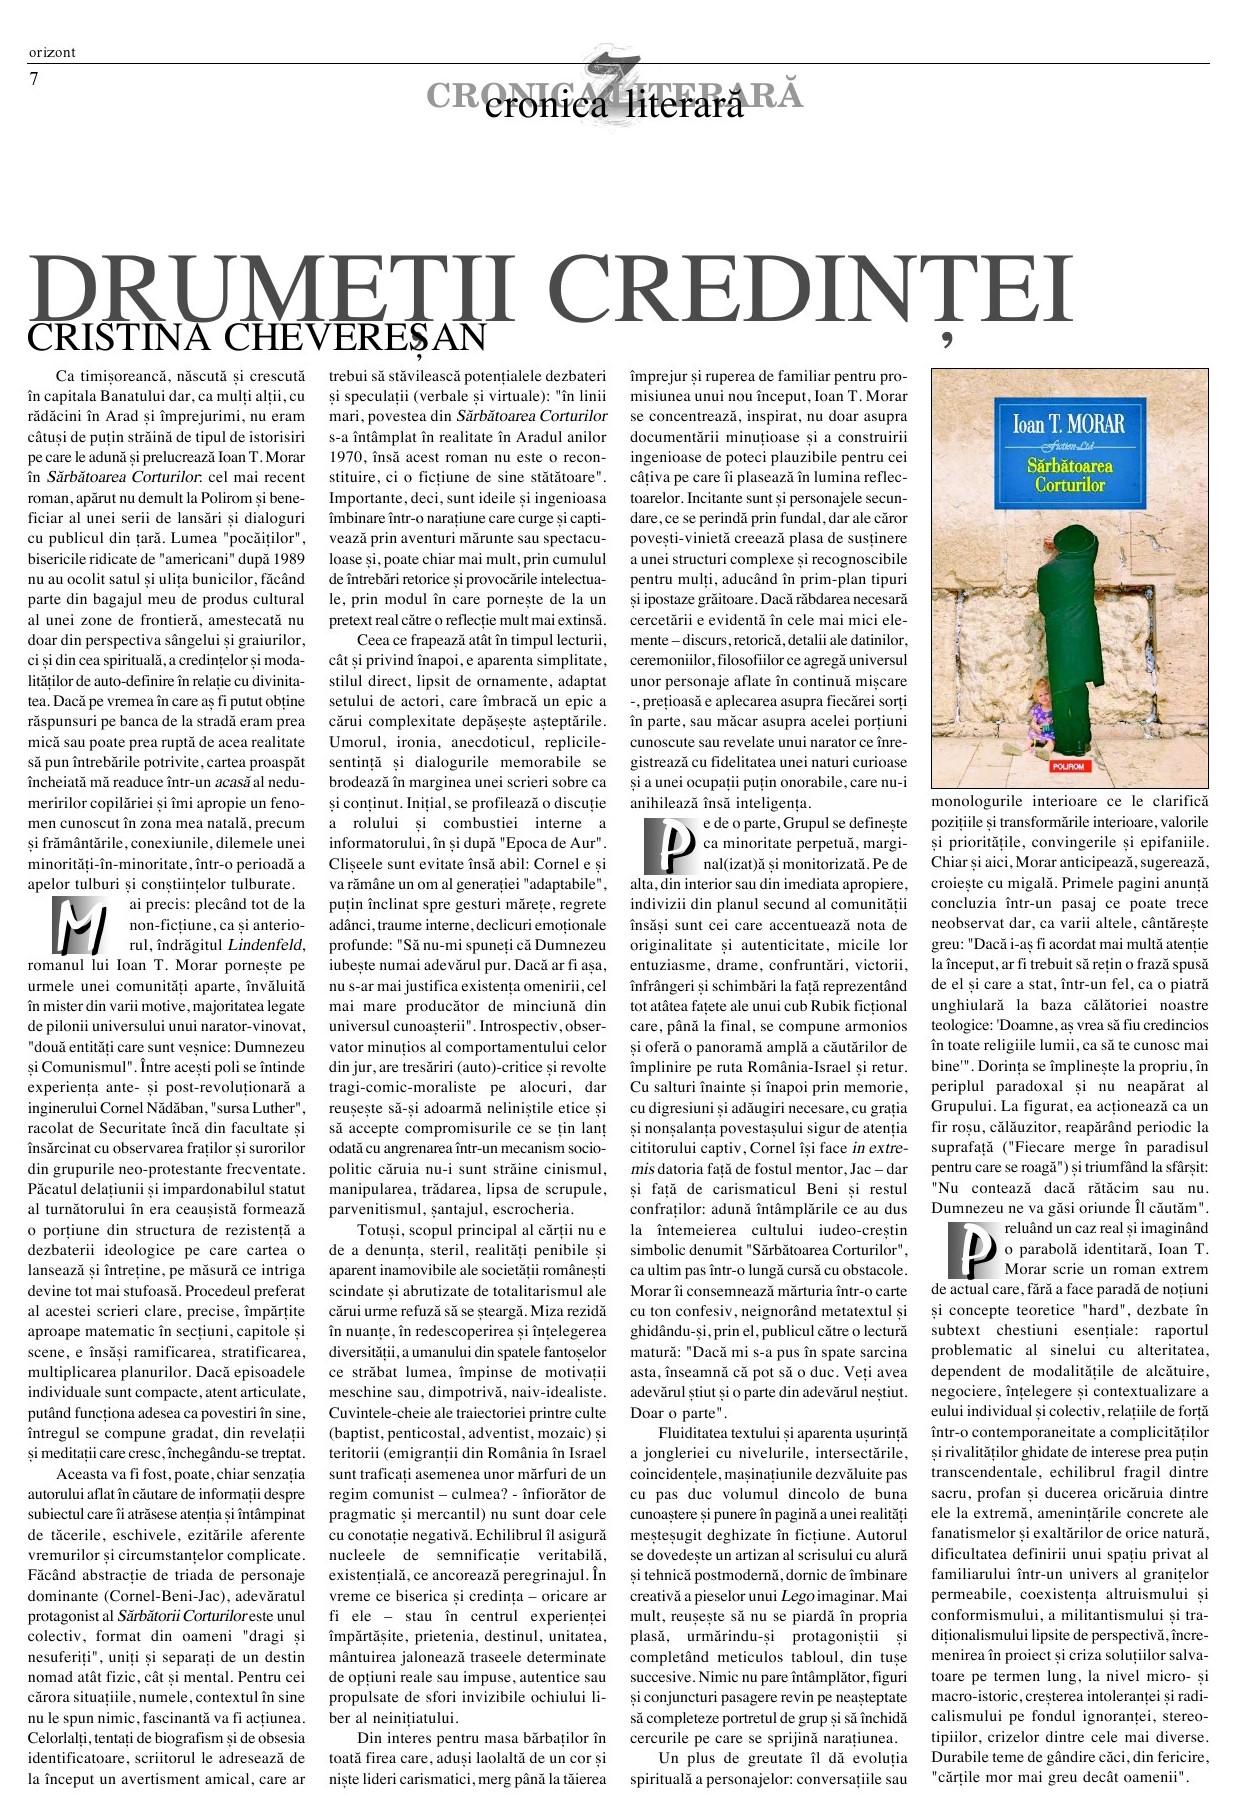 Recenzie IT Morar, Sarbatoarea corturilor - Orizont, unie2016